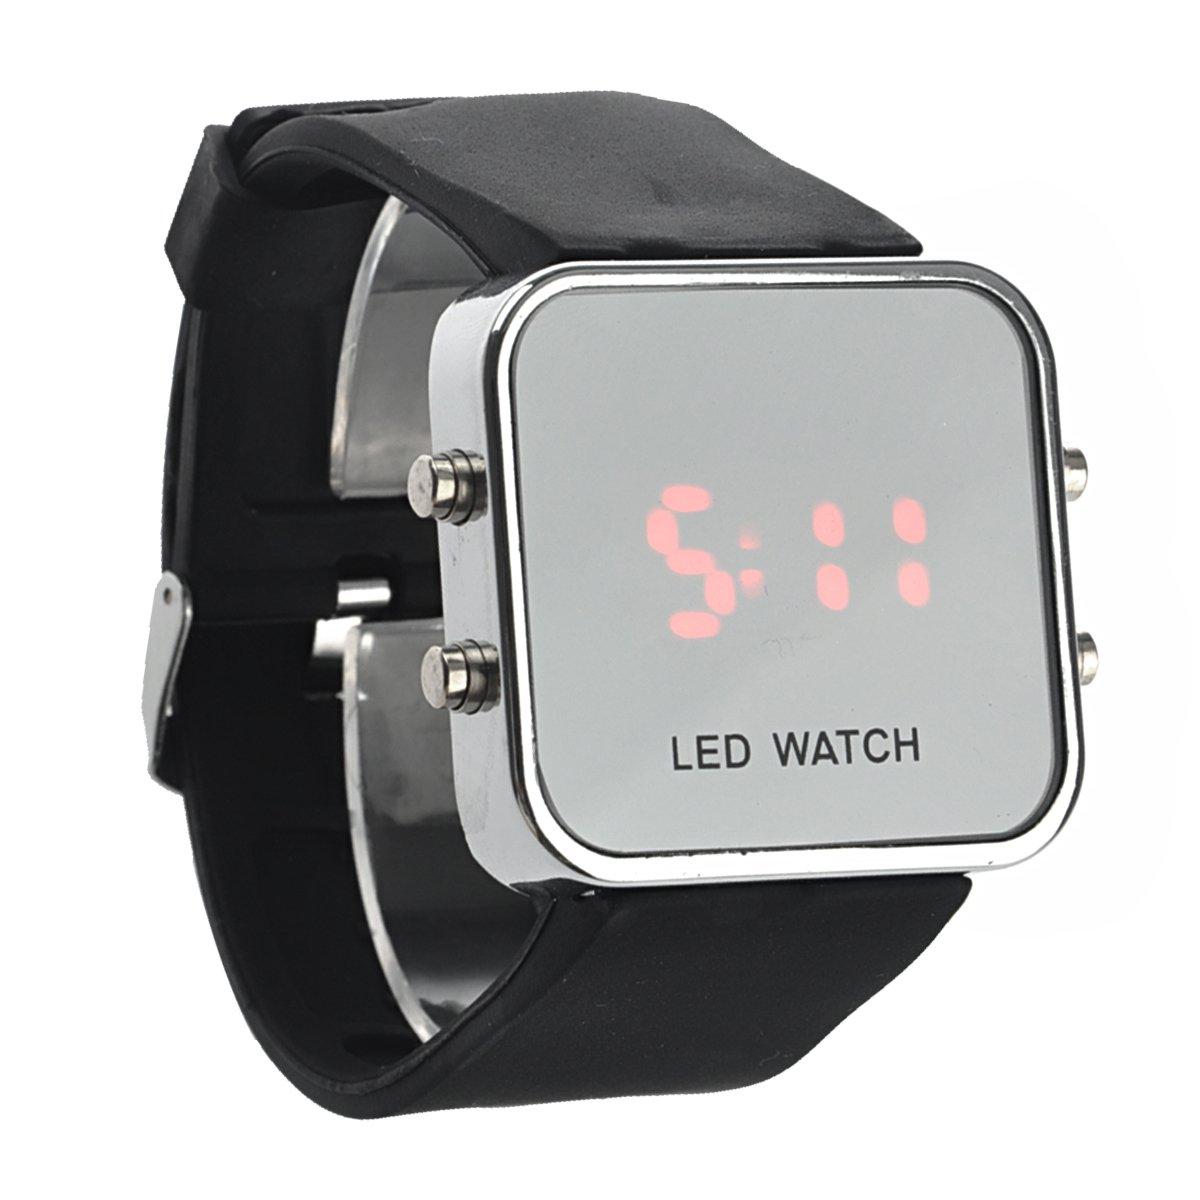 NICERIO Digital LED rojo unisex, reloj cuadrado de moda con esfera espejo para hombre Mujer, mantel incluido (negro): Amazon.es: Relojes